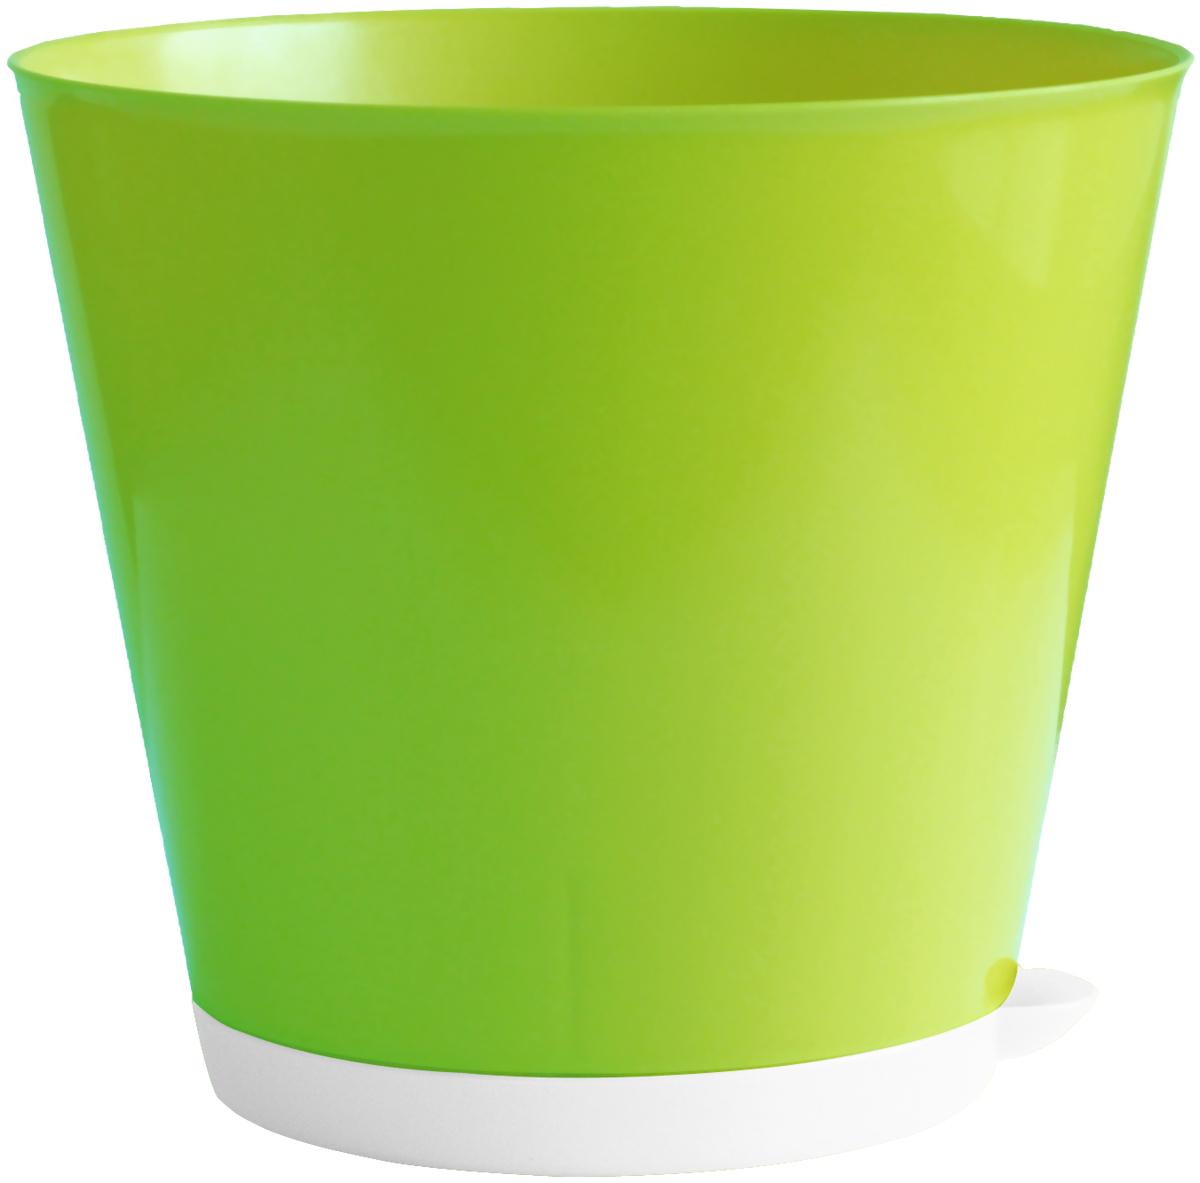 Горшок для цветов InGreen Крит, с системой прикорневого полива, цвет: салатовый, диаметр 20 смING46020СЛ-12РSГоршок InGreen Крит, выполненный из высококачественного пластика, предназначен для выращивания комнатных цветов, растений и трав. Специальная конструкция обеспечивает вентиляцию в корневой системе растения, а дренажные отверстия позволяют выходить лишней влаге из почвы. Крепежные отверстия и штыри прочно крепят подставку к горшку. Прикорневой полив растения осуществляется через удобный носик. Система прикорневого полива позволяет оставлять комнатное растение без внимания тем, кто часто находится в командировках или собирается в отпуск и не имеет возможности вовремя поливать цветы. Такой горшок порадует вас современным дизайном и функциональностью, а также оригинально украсит интерьер любого помещения. Диаметр горшка (по верхнему краю): 20 см. Высота горшка: 18,2 см. Объем горшка: 3,6 л.